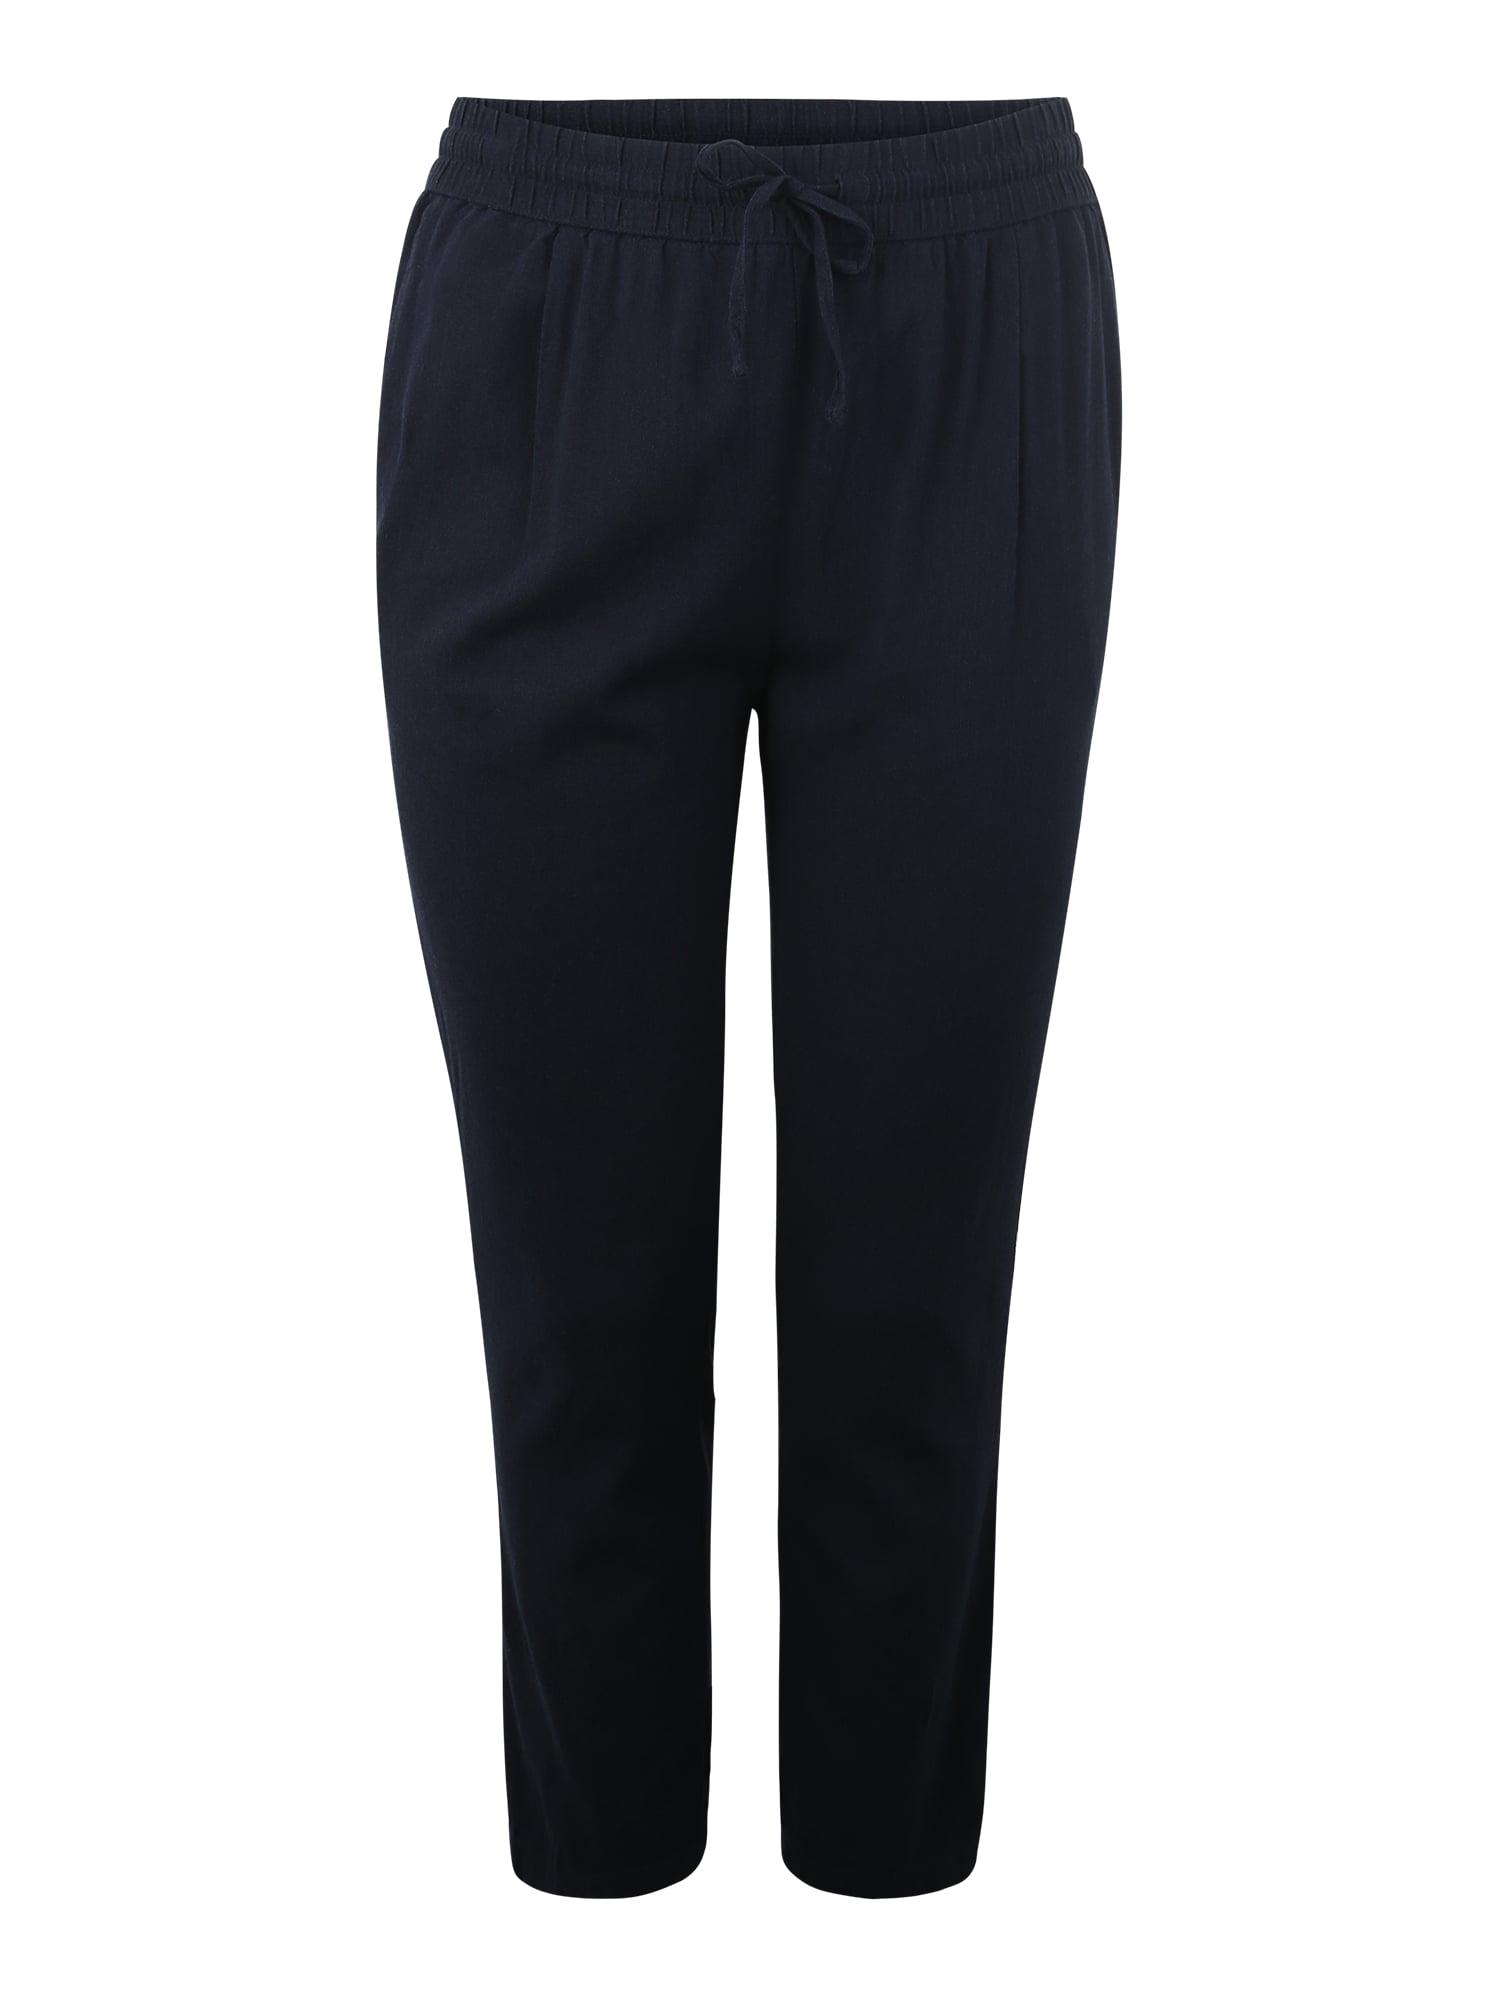 Kalhoty VMANNA MILO CITRUS ANCLE PANT WVN CURVE noční modrá Vero Moda Curve